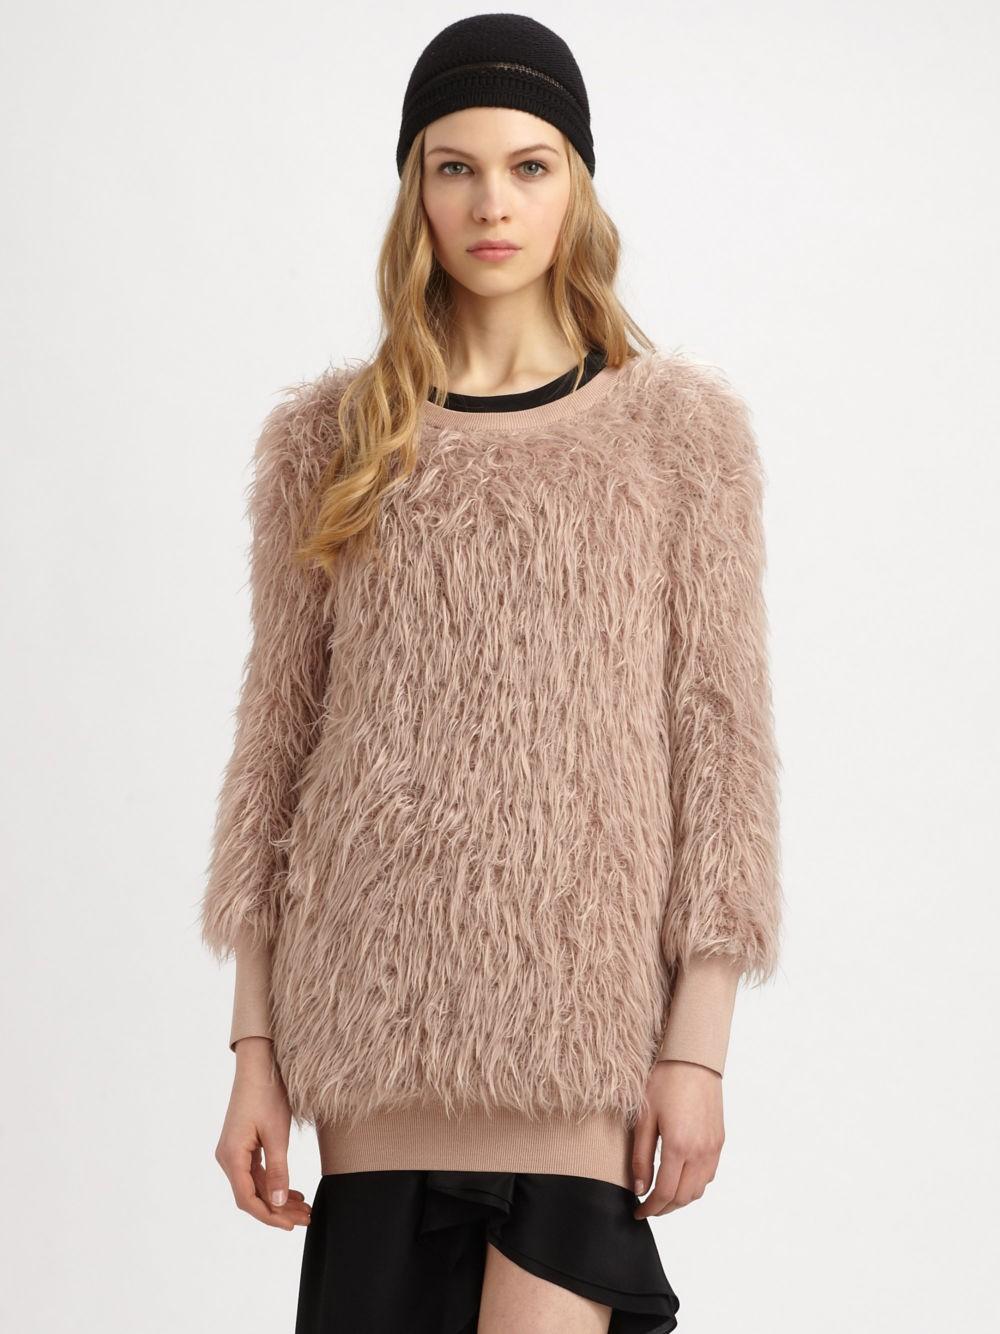 Модные свитера 2018 женские:свитер коричневого цвета